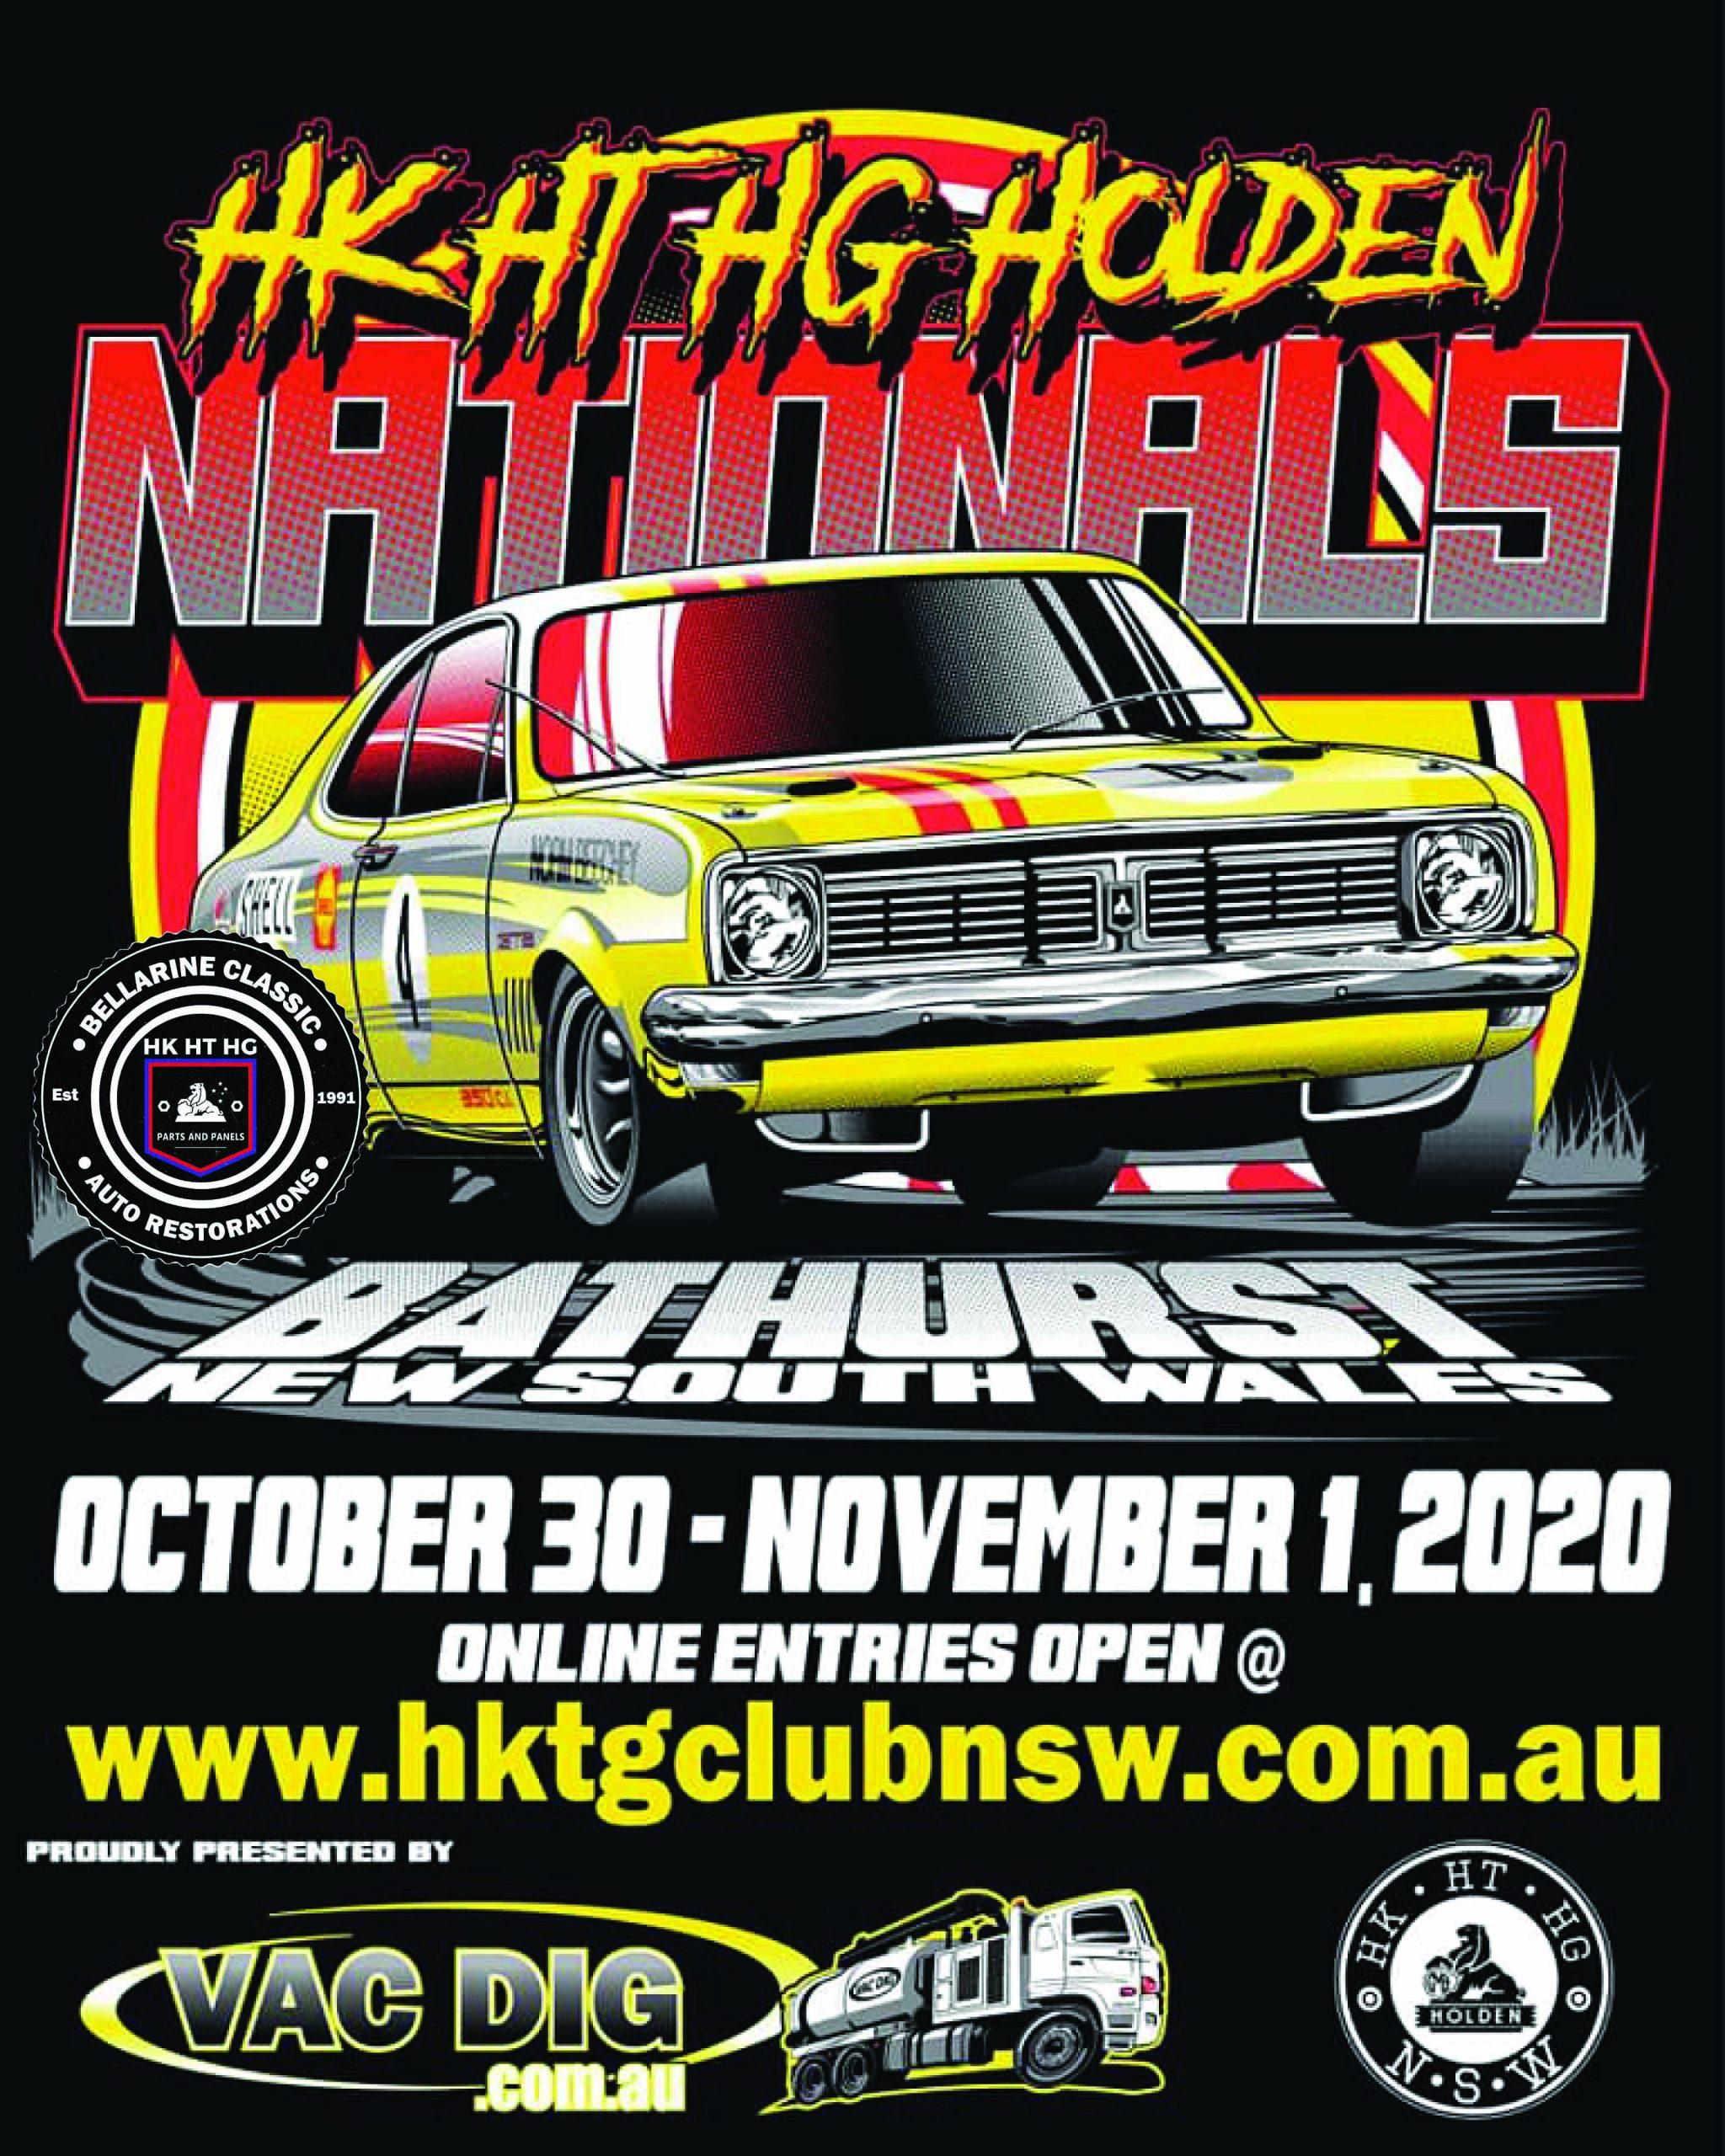 KTG Nats Bathurst Poster